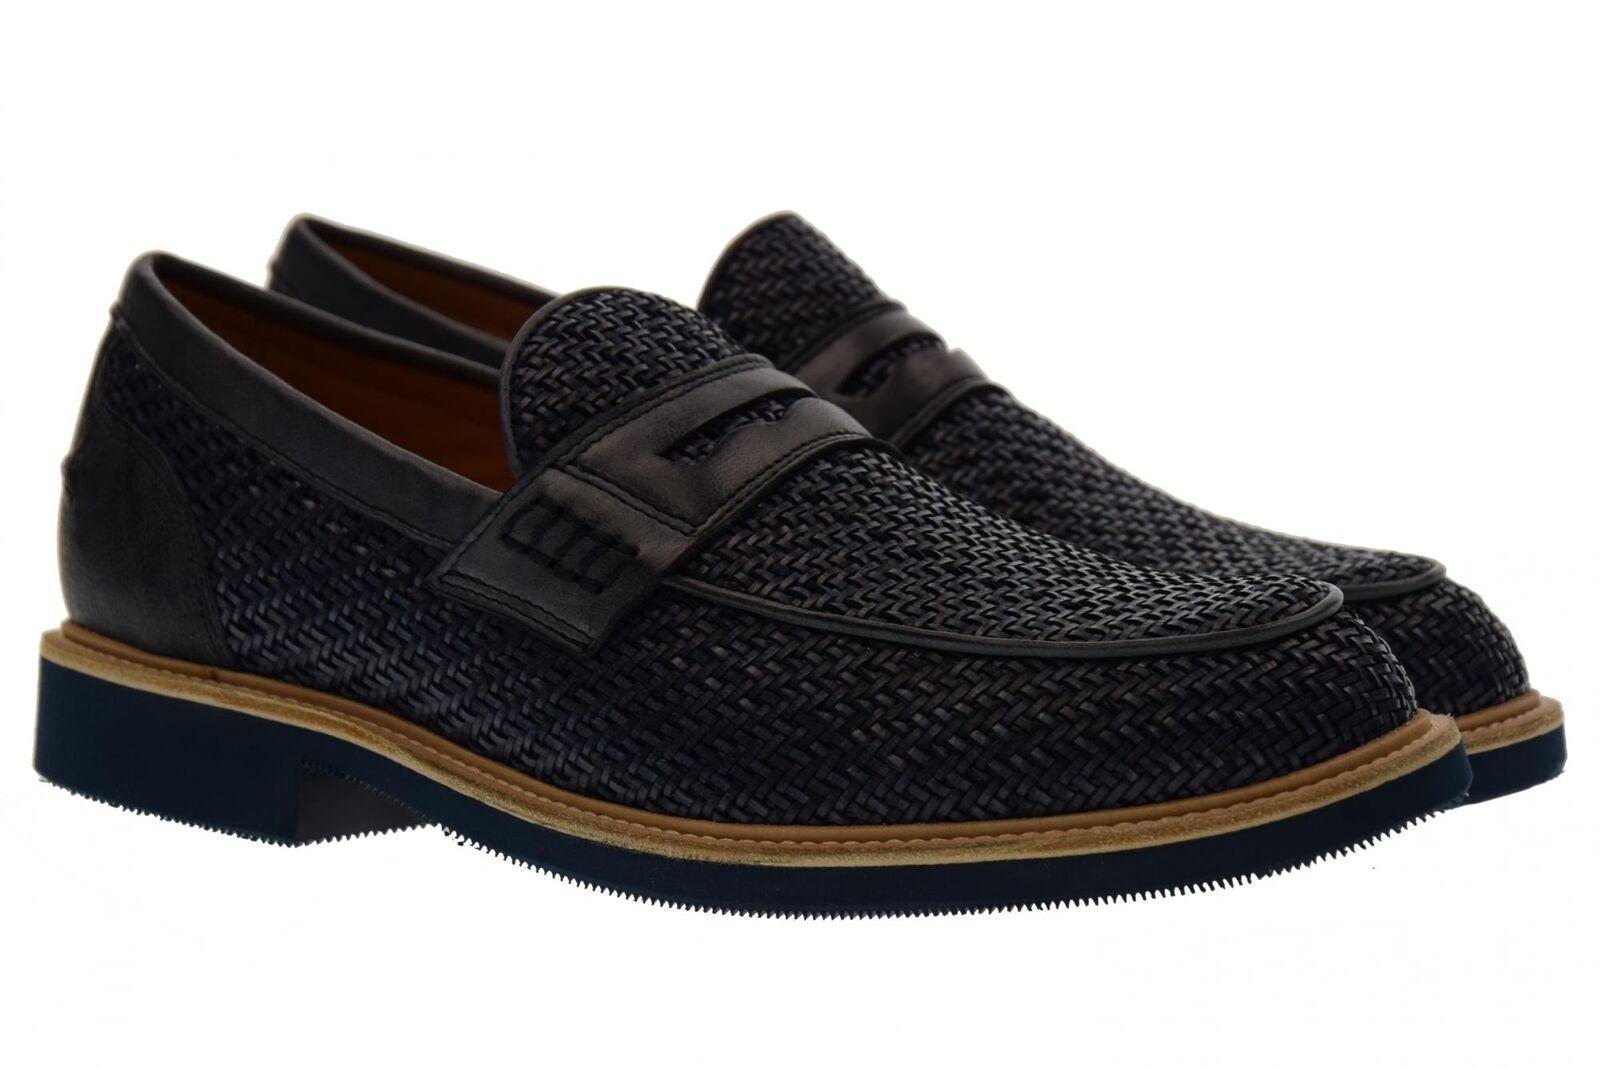 Antica Cuoieria scarpe uomo mocassini 20206-I-V04 INTRECCIO OYSTER BLU P18 Scarpe classiche da uomo